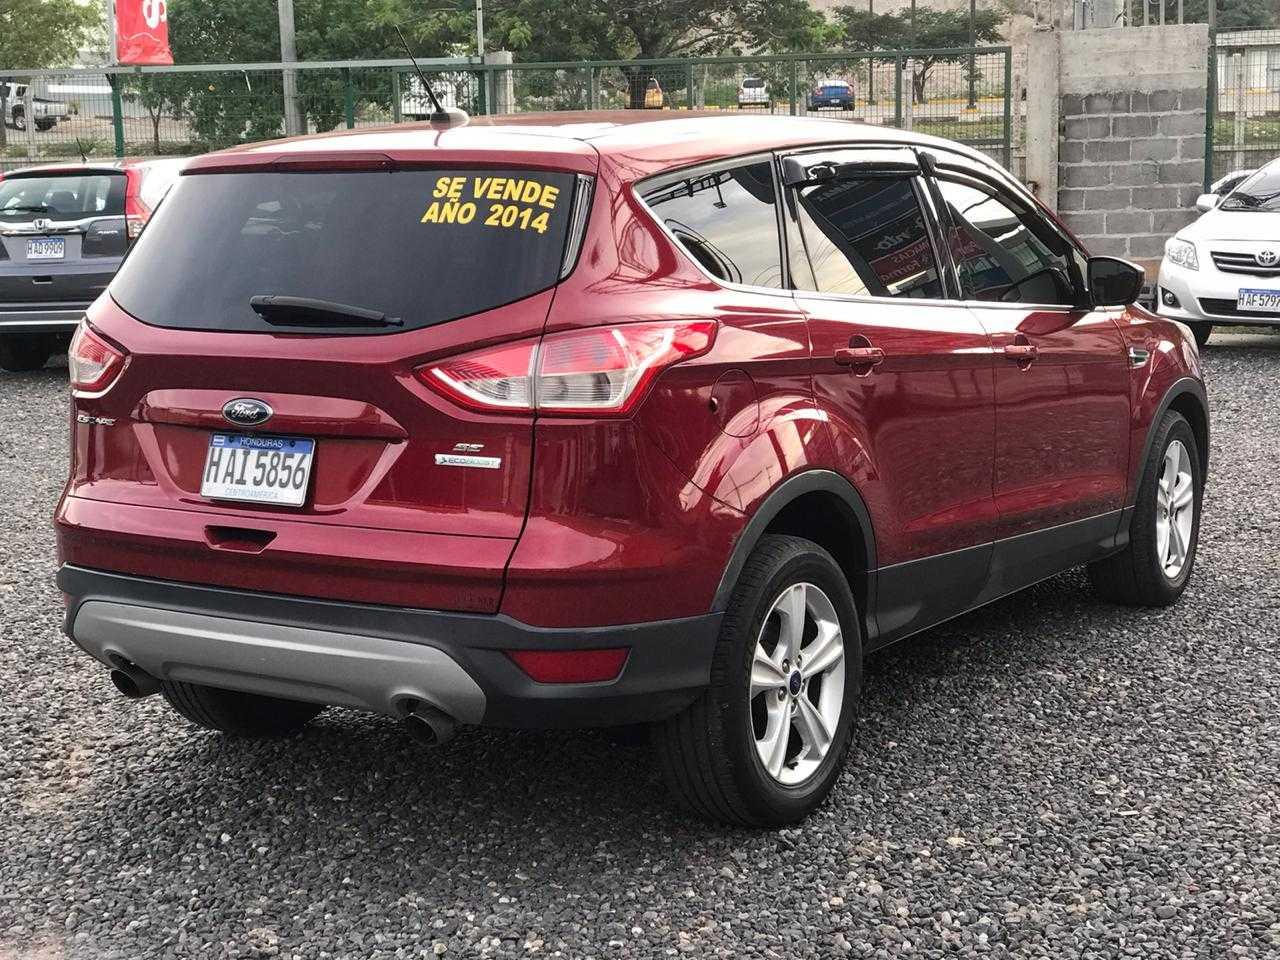 Venta De Camioneta Ford Escape Vehiculos Usados Autos Francisco Morazan Tegucigalpa